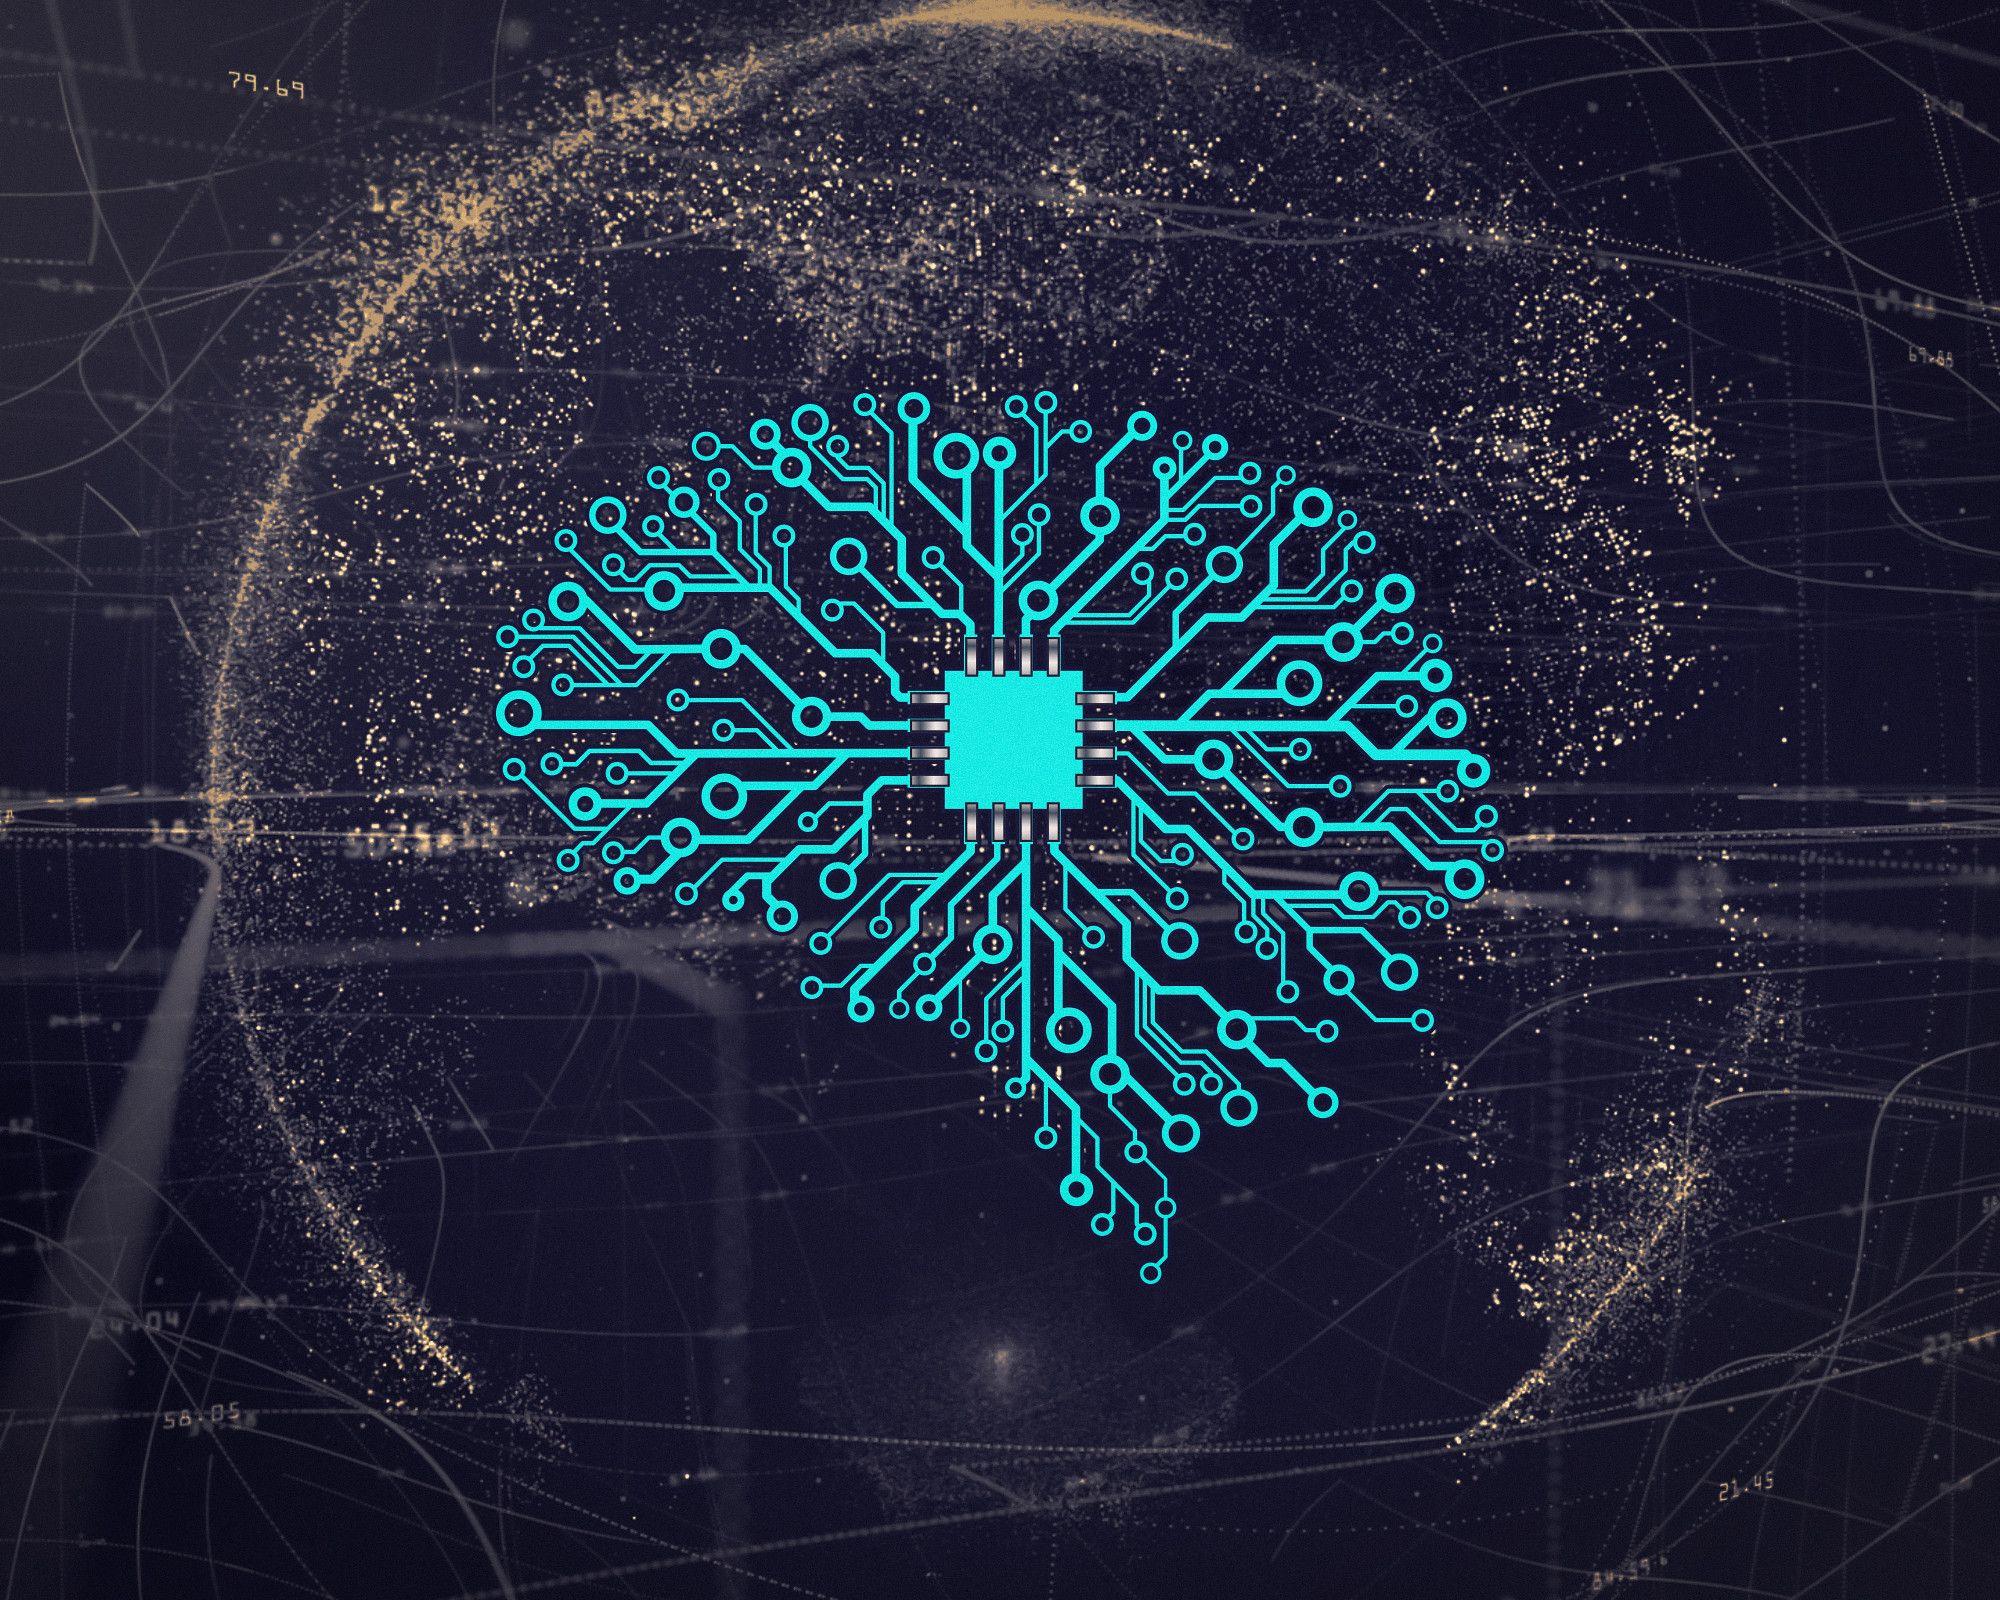 Штучний інтелект у медіа: програми пишуть новини, але не замінюють журналістів